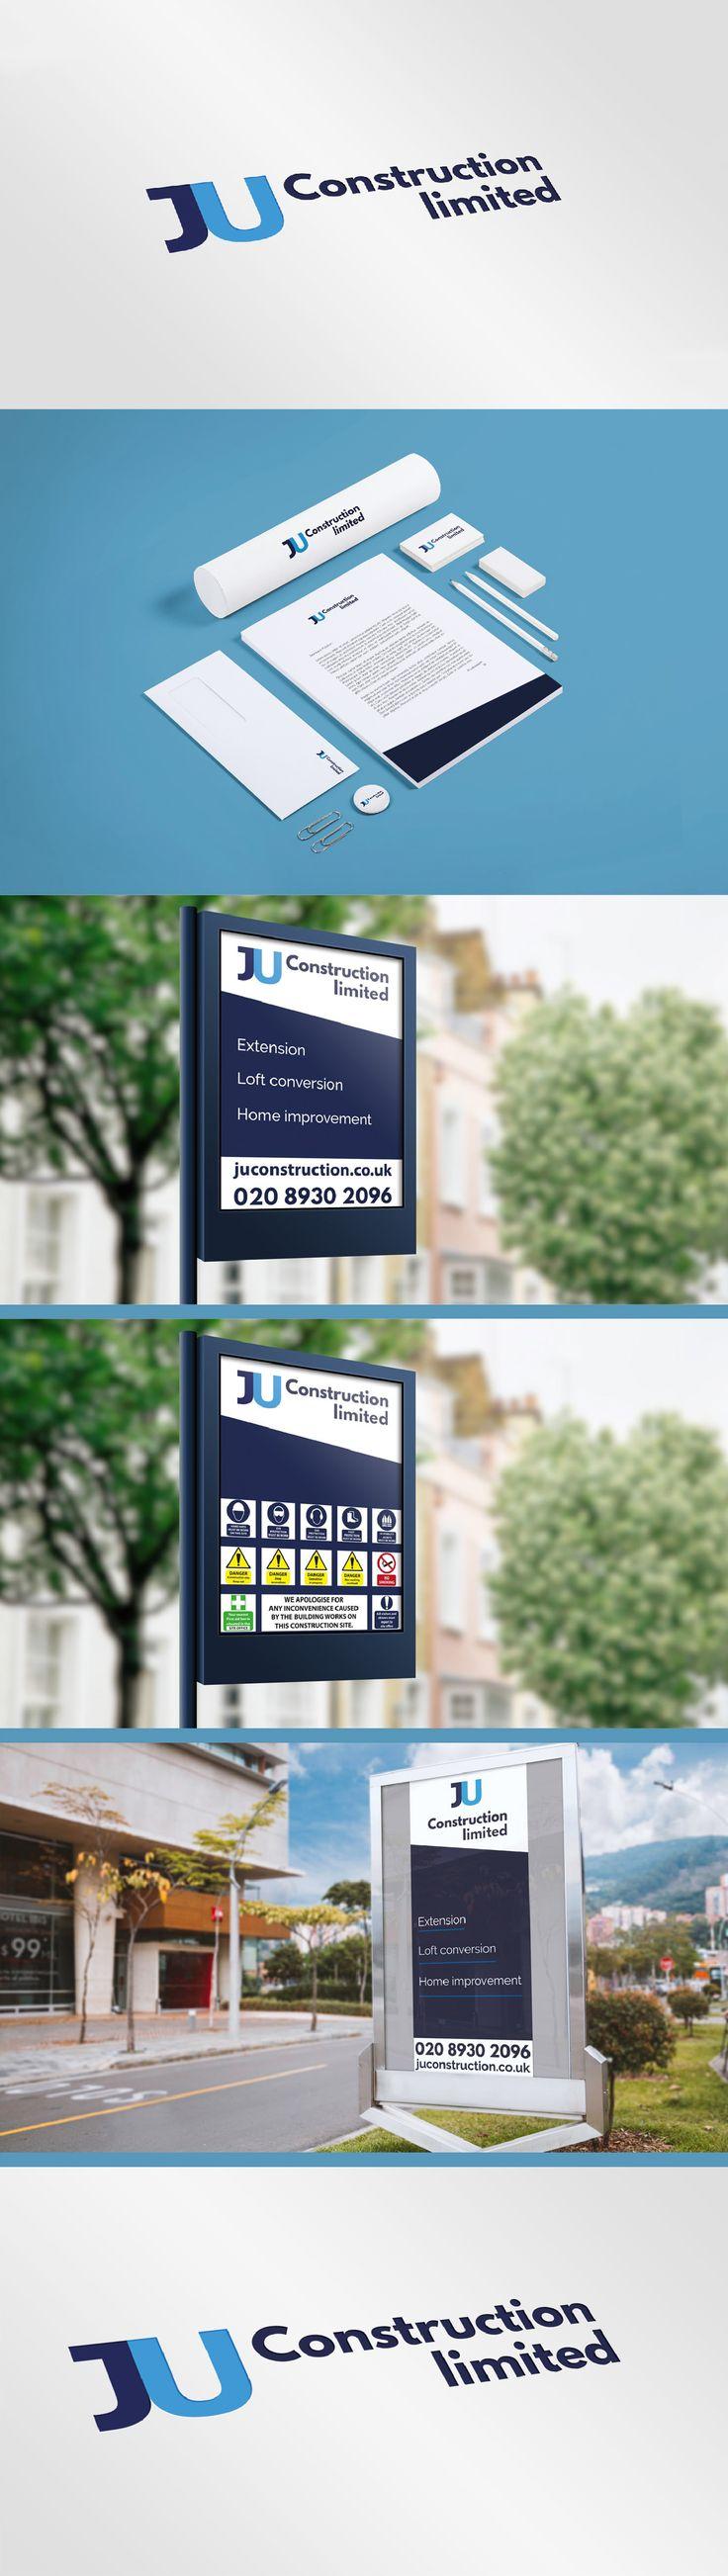 Branding for JU Construction ltd on Behance